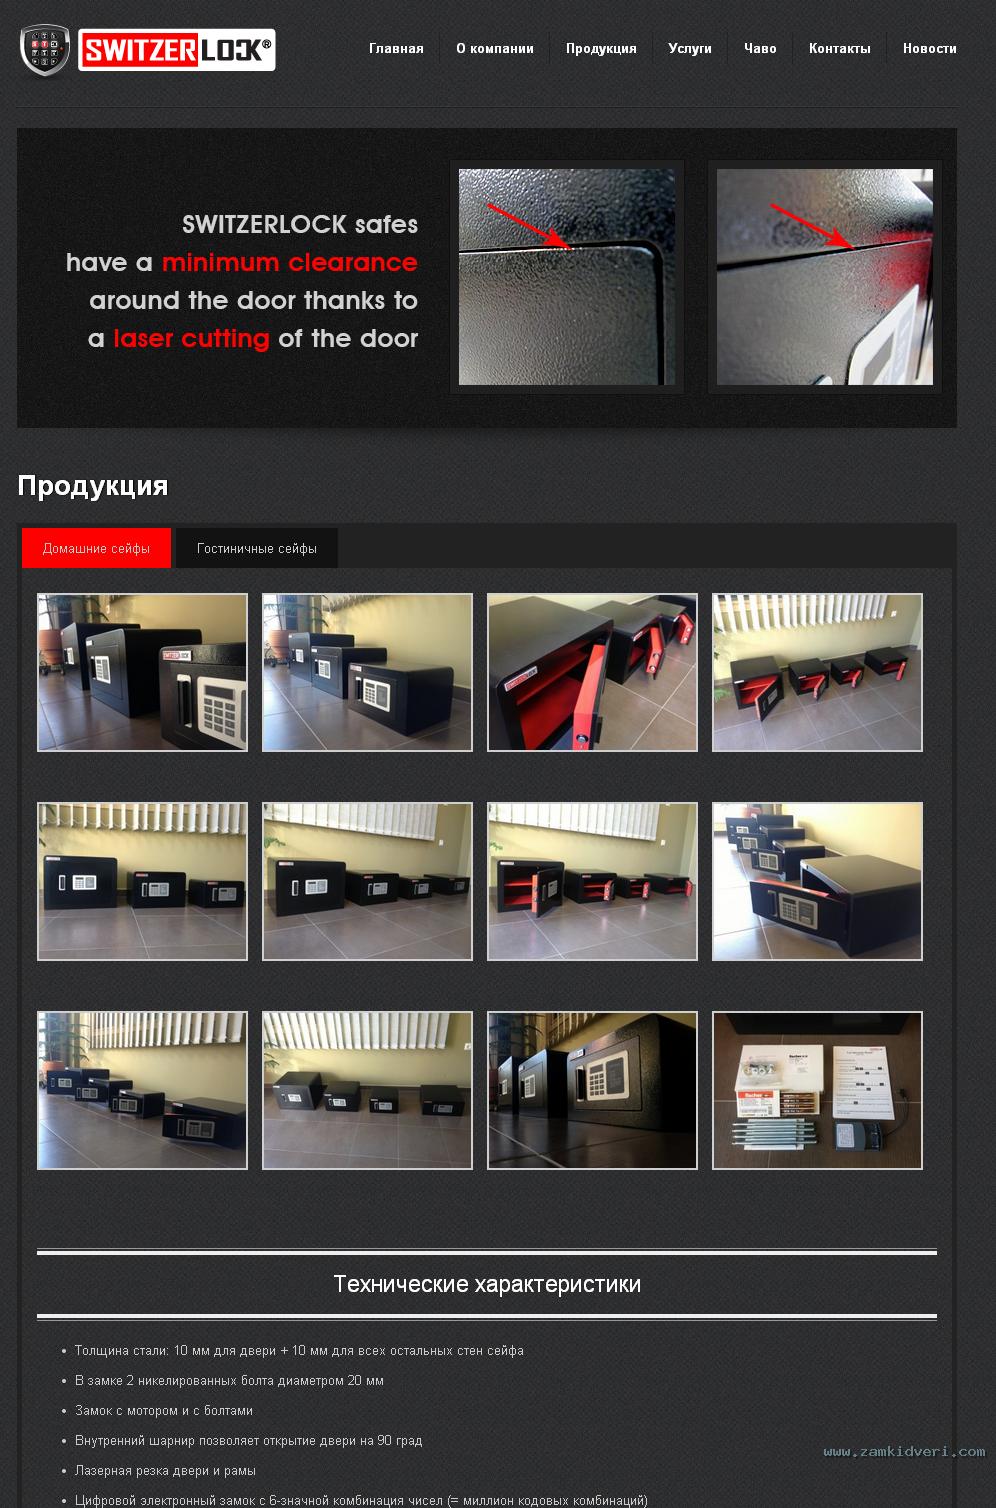 ������� �� ����������� ��� ���������� ��������: Скриншот 2014-01-20 20.11.14.png ����������: 0 ������:1.51 �� ID:32433